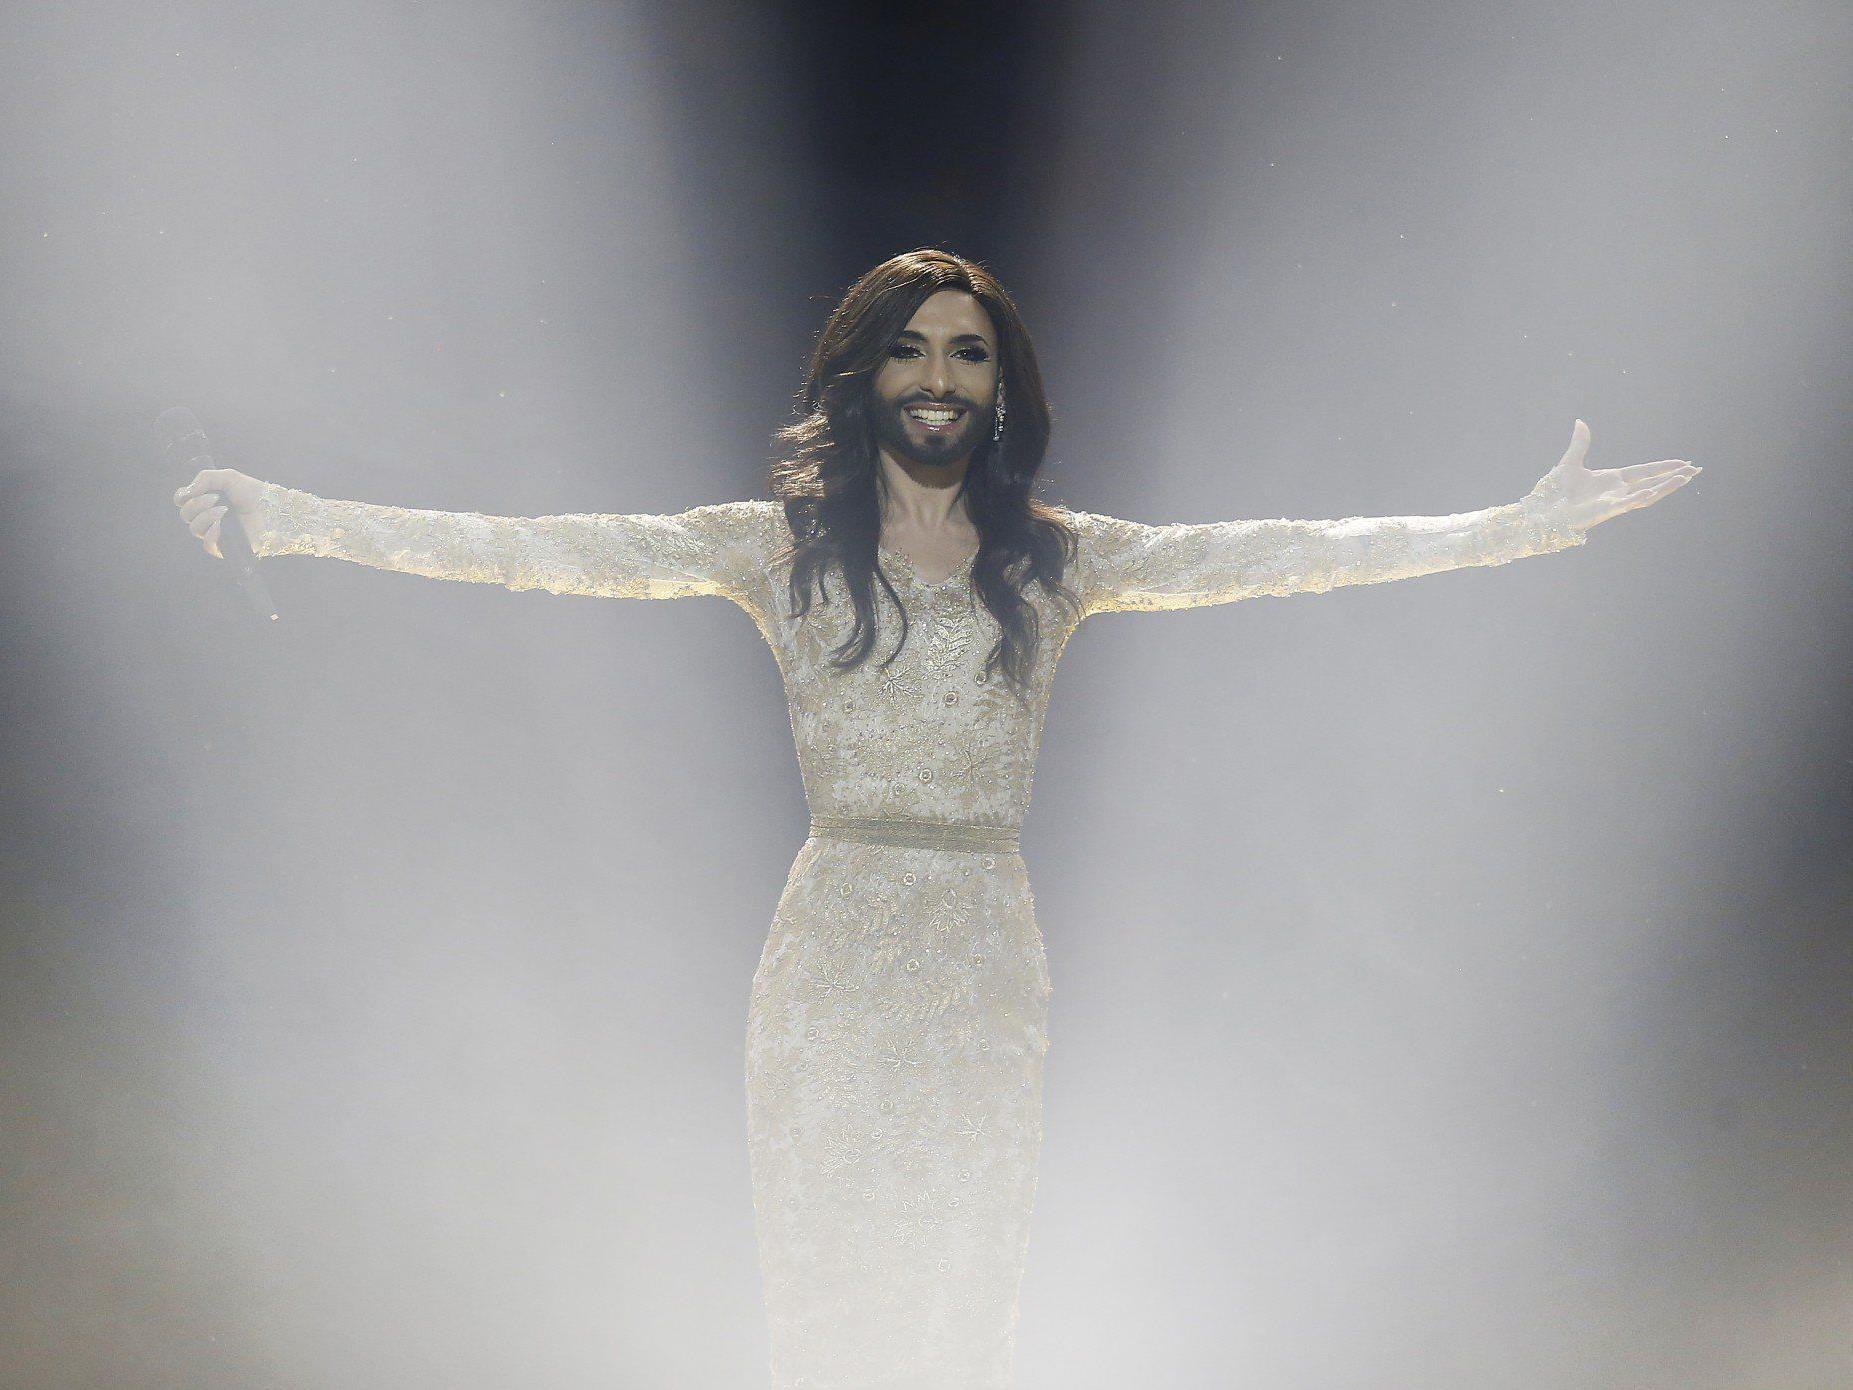 Song Contest 2014: Wettbüros sehen Conchita Wurst schon auf Platz 2